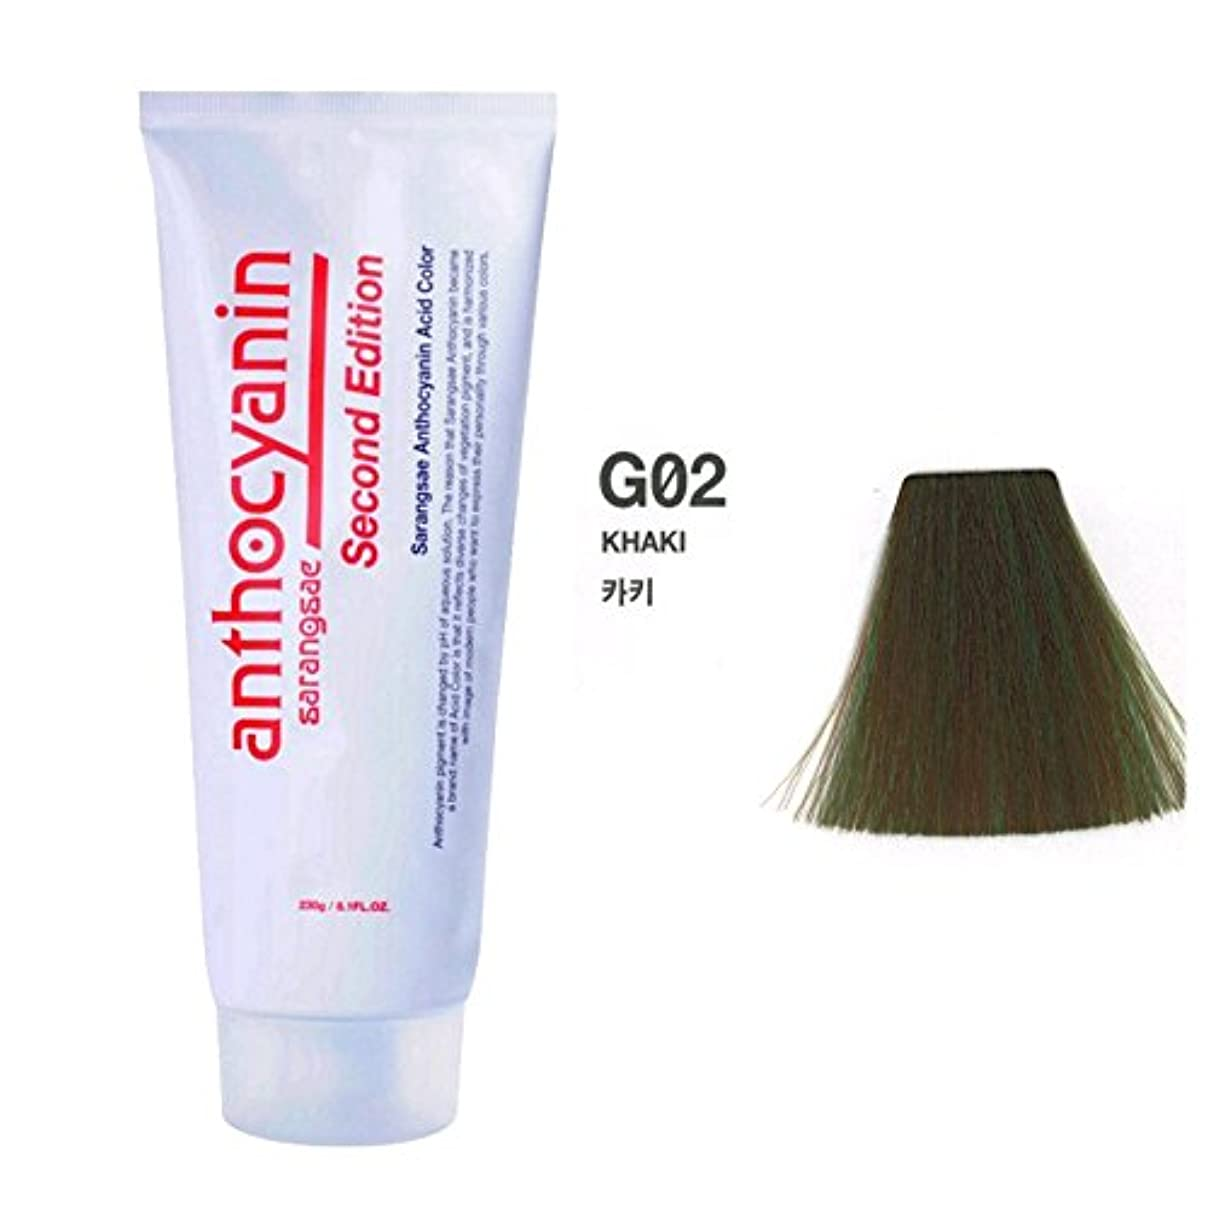 おじさん褐色インドヘア マニキュア カラー セカンド エディション 230g セミ パーマネント 染毛剤 (Hair Manicure Color Second Edition 230g Semi Permanent Hair Dye) [並行輸入品] (G02 Khaki)